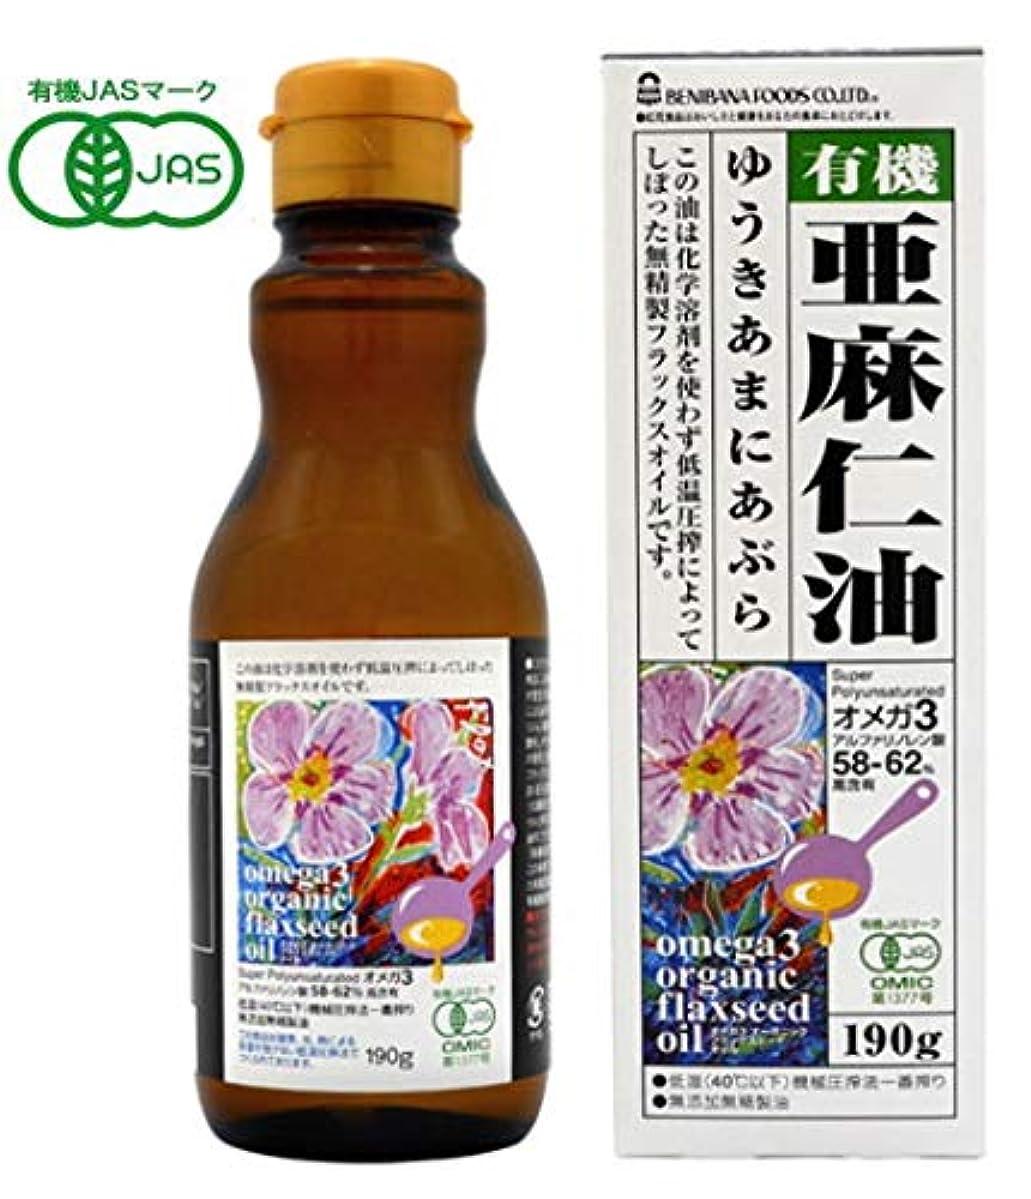 監査でも年金紅花食品 オーガニックフラックスシードオイル(有機亜麻仁油) 190g×8本セット